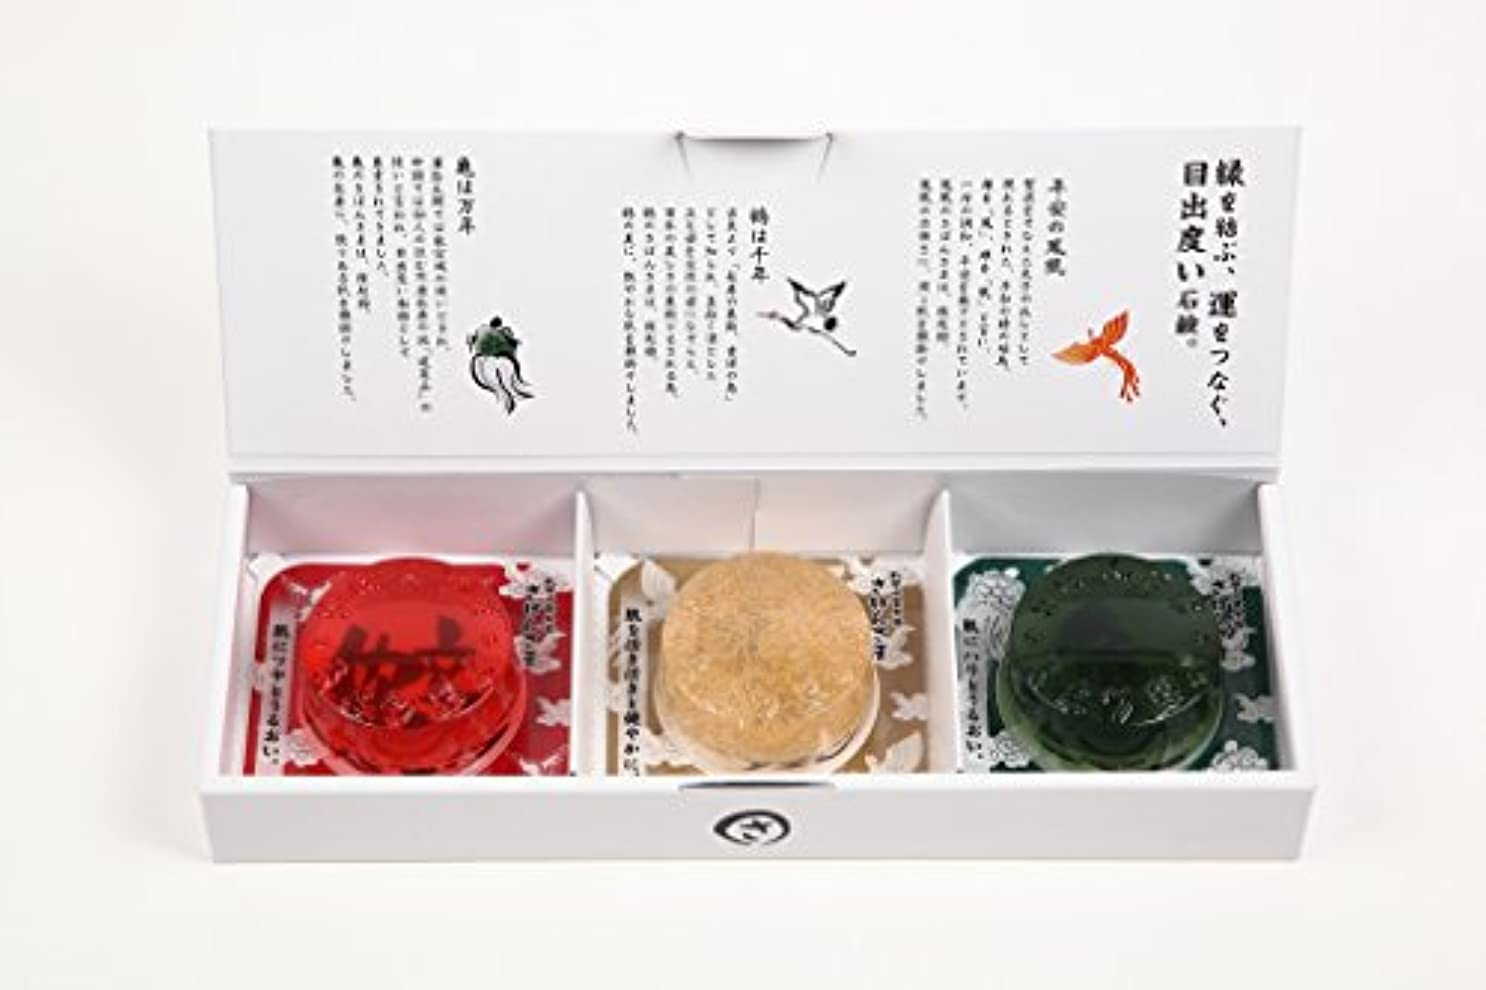 リードスタッフ専門成田山表参道 さぼんさま〈ギフト3点セット〉鶴?亀?鳳凰